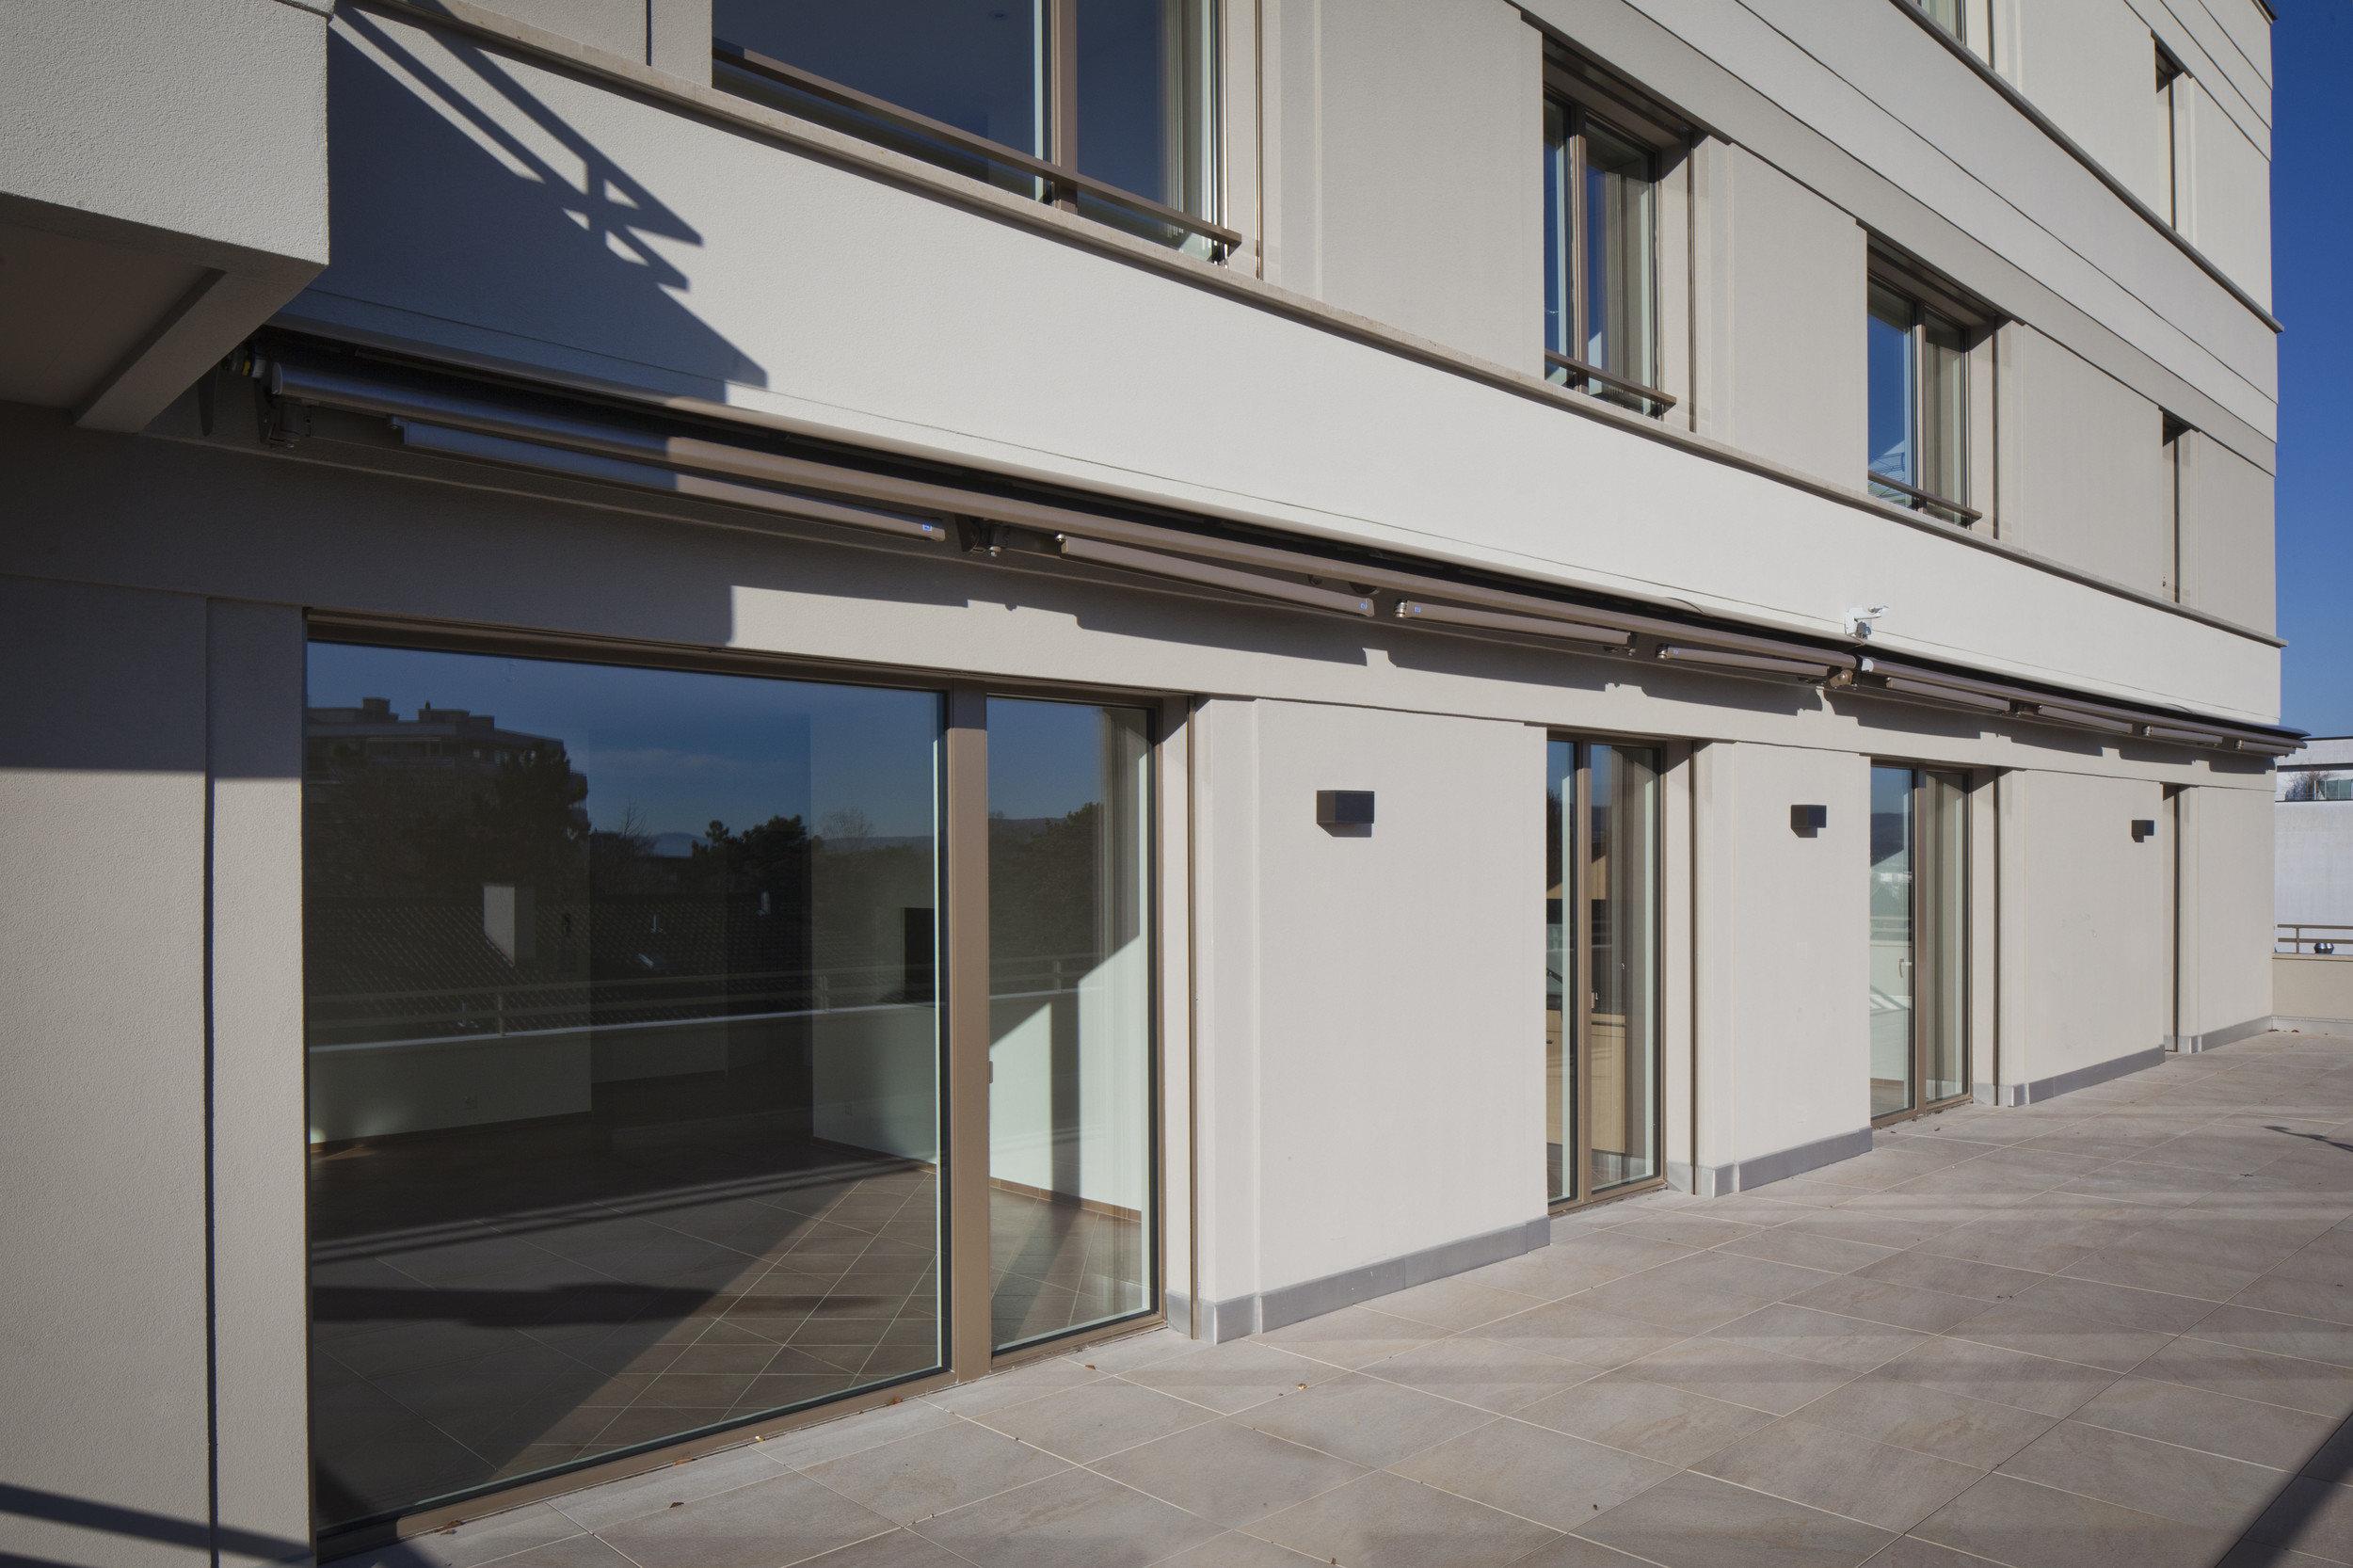 Raumhohe Fenster und grosse Türen in Holz-Metall